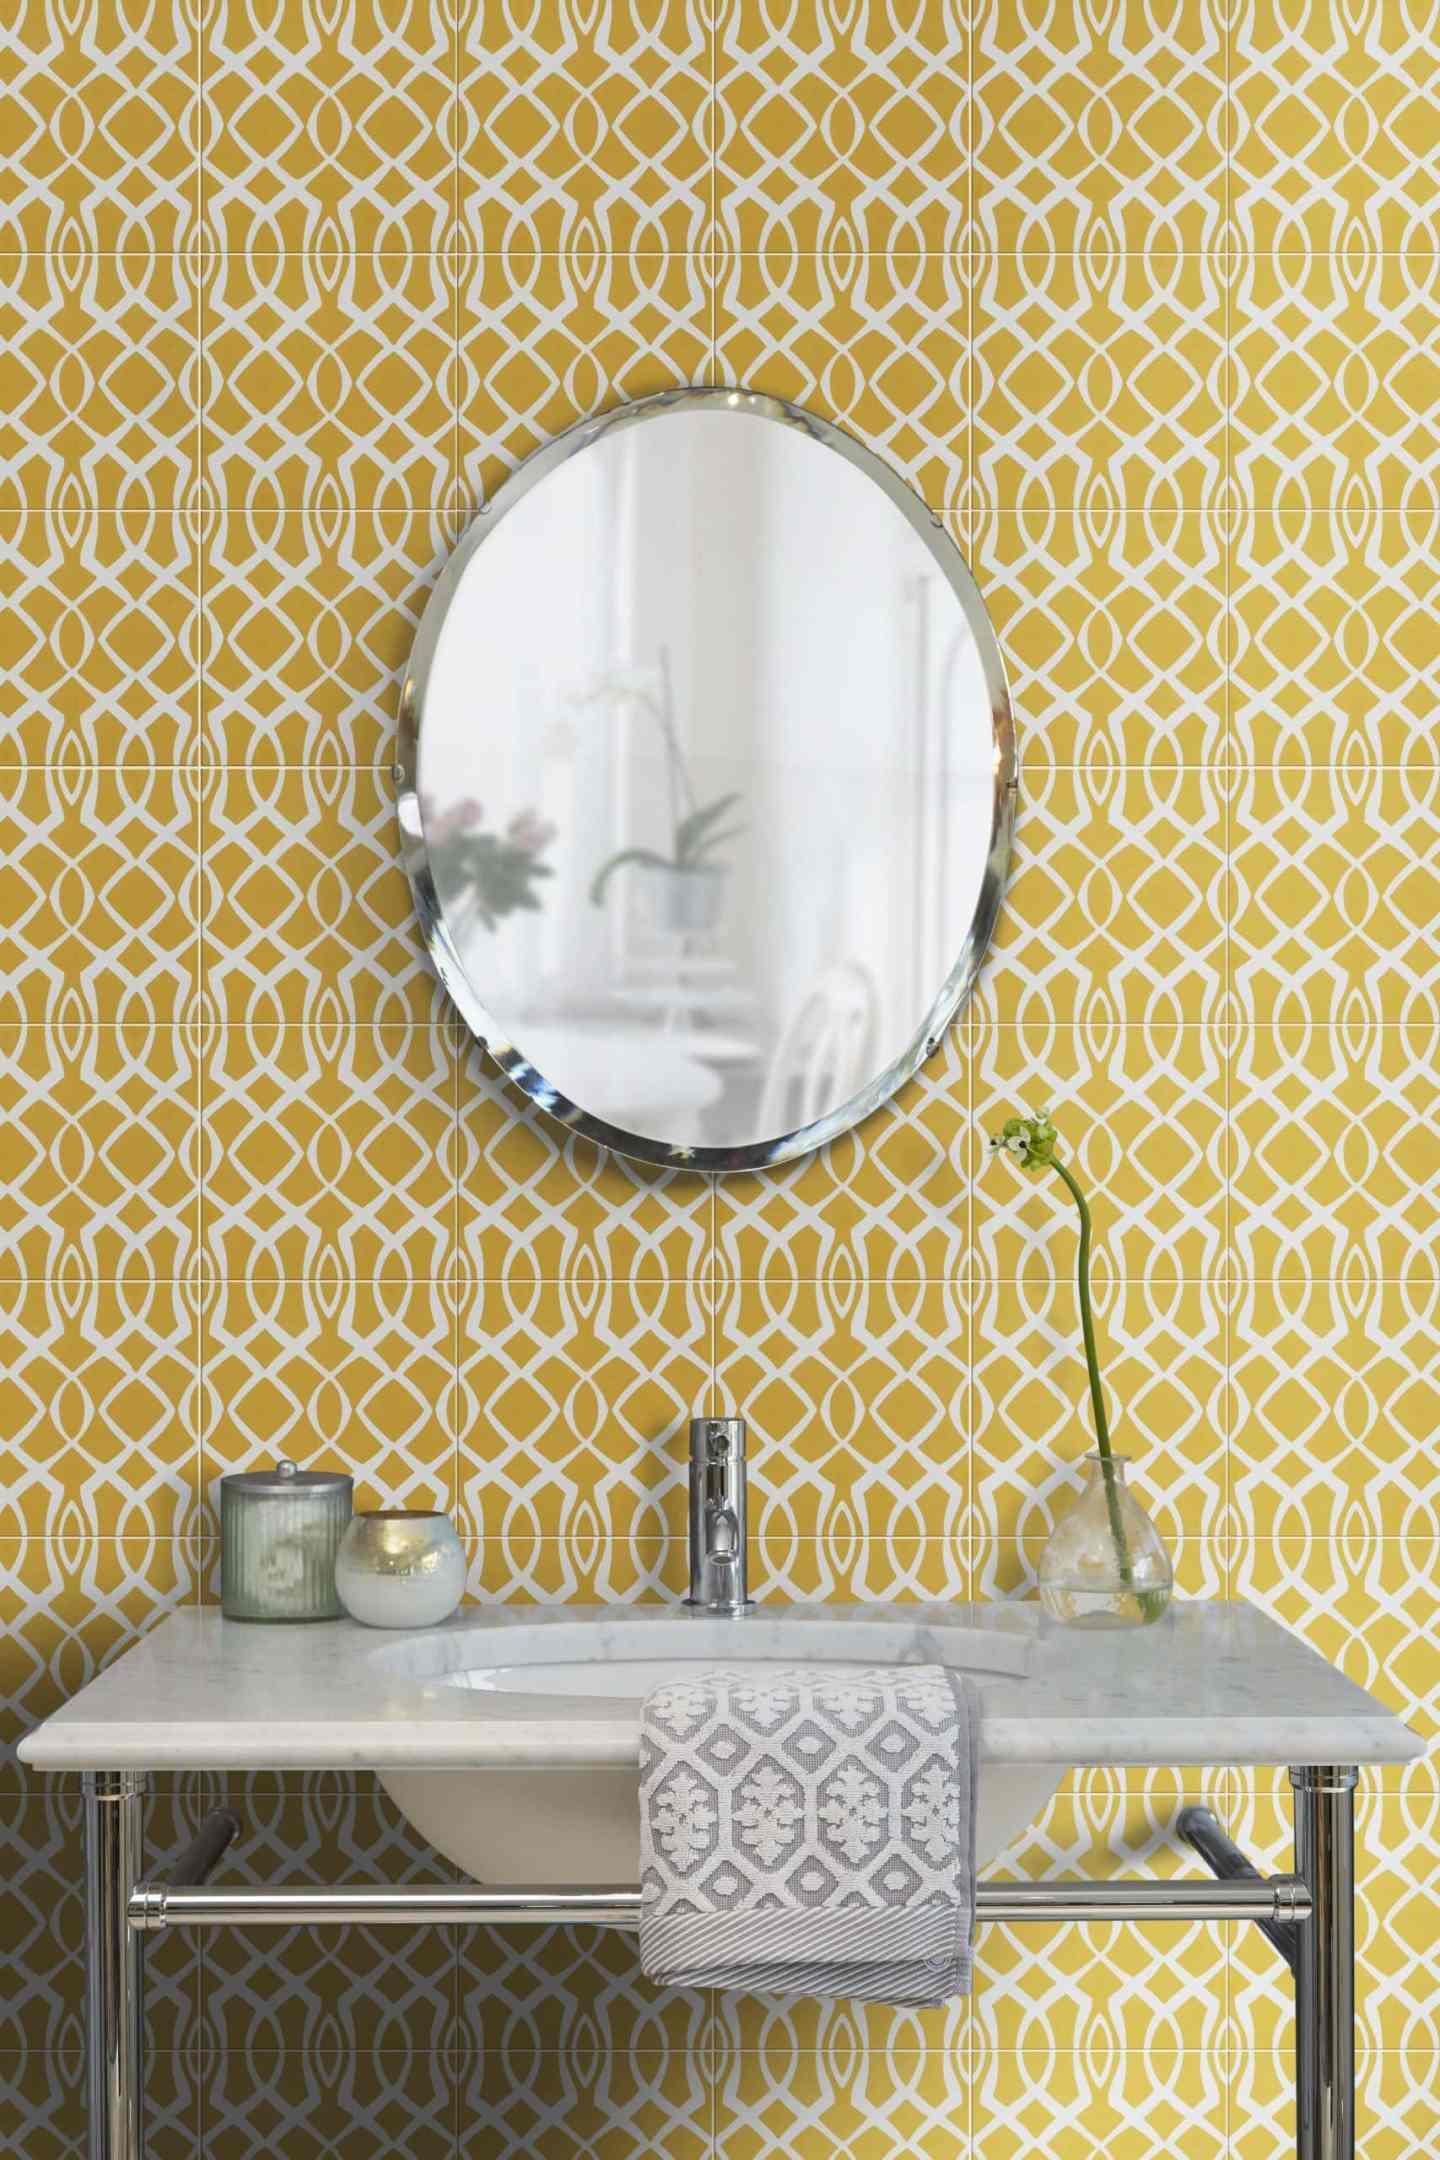 mermer lavabo ve oval ayna ile banyoda parlak sarı geometrik karolar